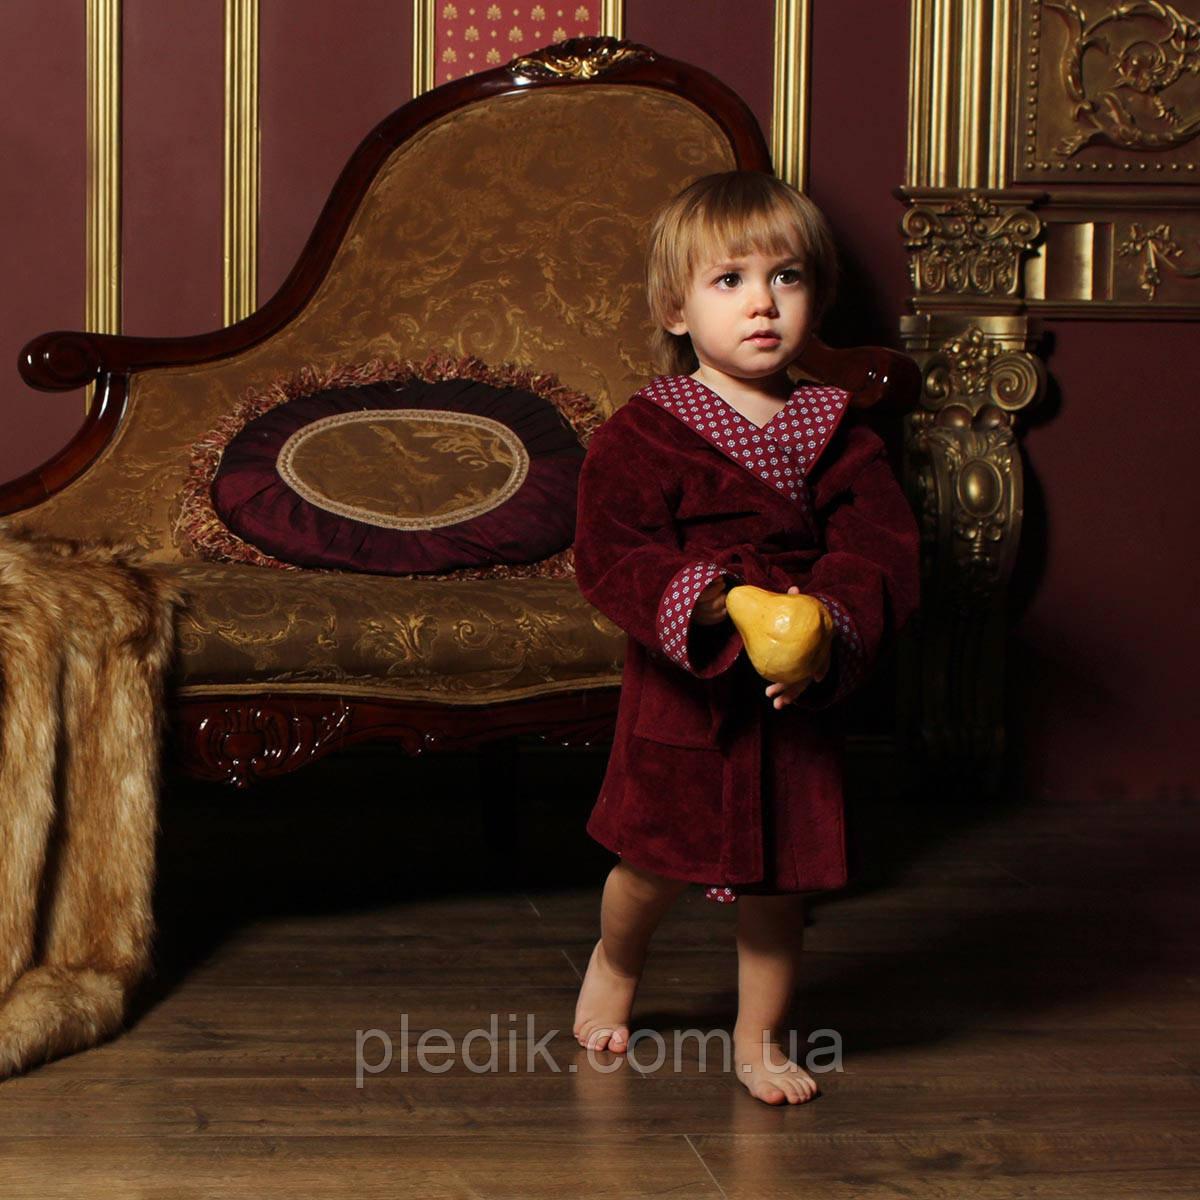 Халат детский махровый для мальчика FLAVIO 7-9 лет.